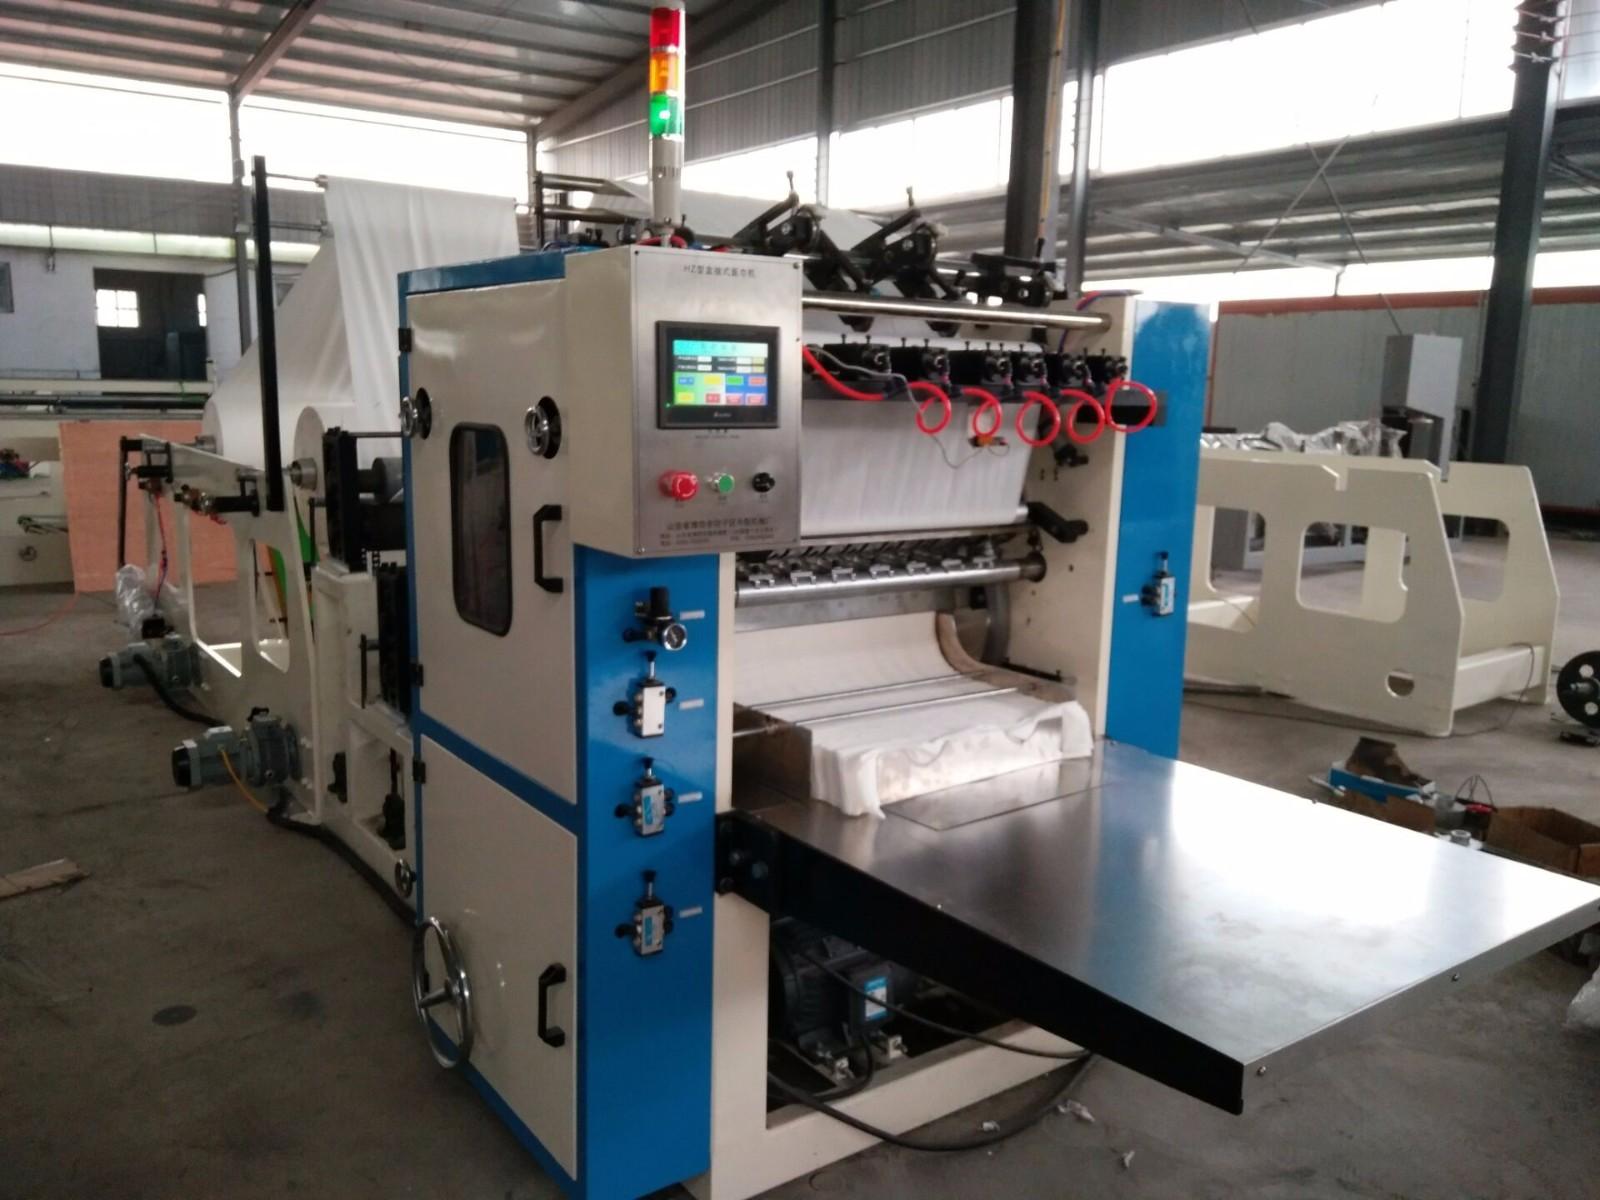 680大三排面巾纸机(190型全自动抽纸折叠机).jpg